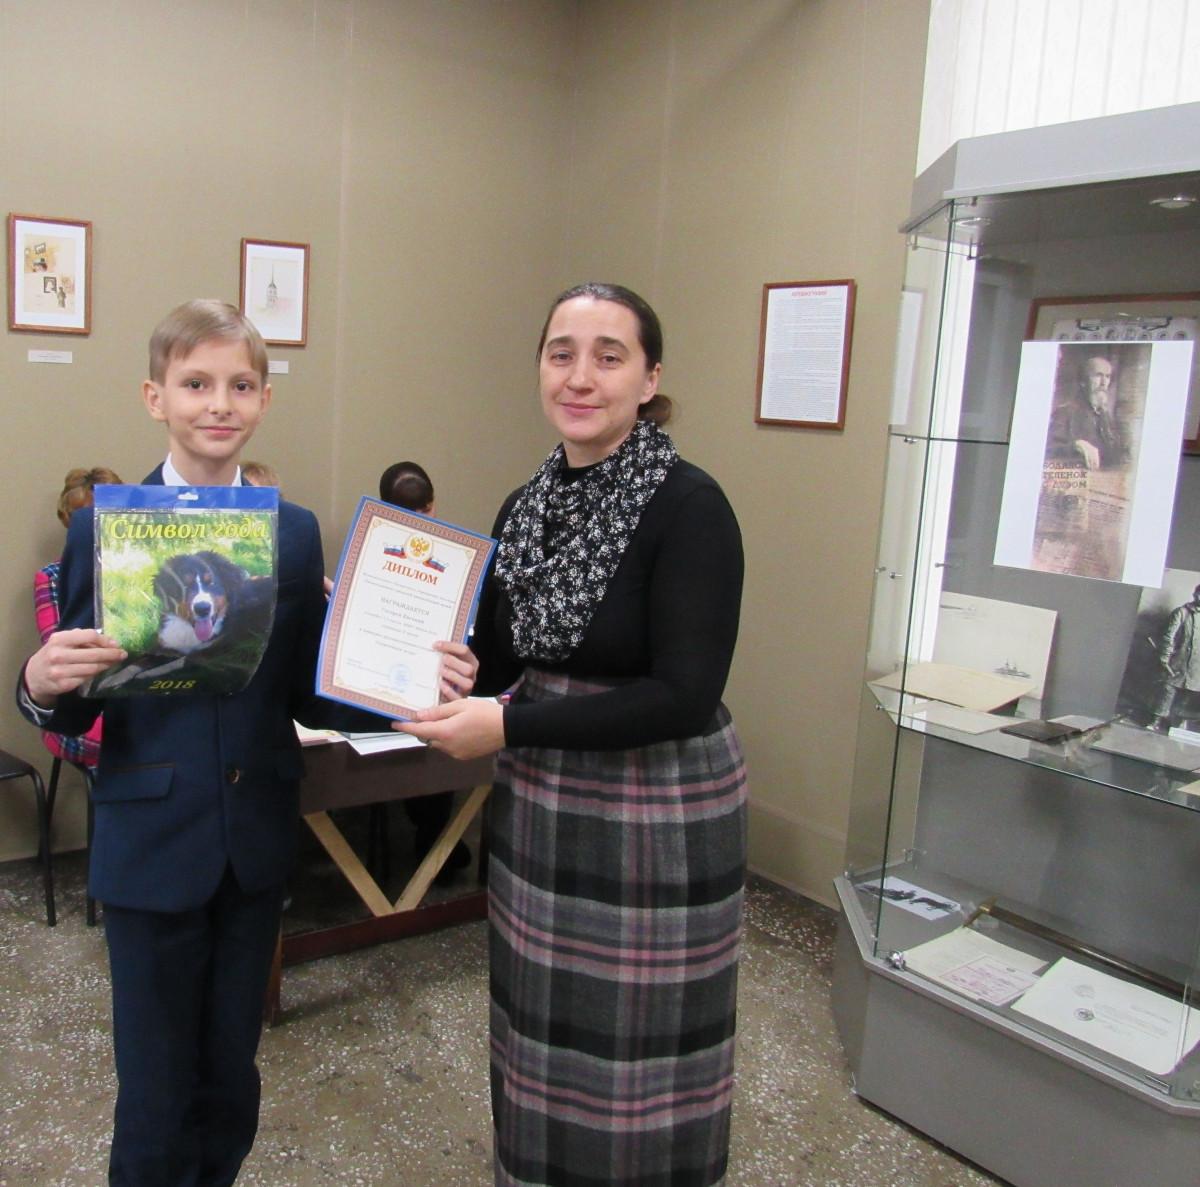 В Прокопьевске школьники соревновались в художественном чтении произведений Солженицына